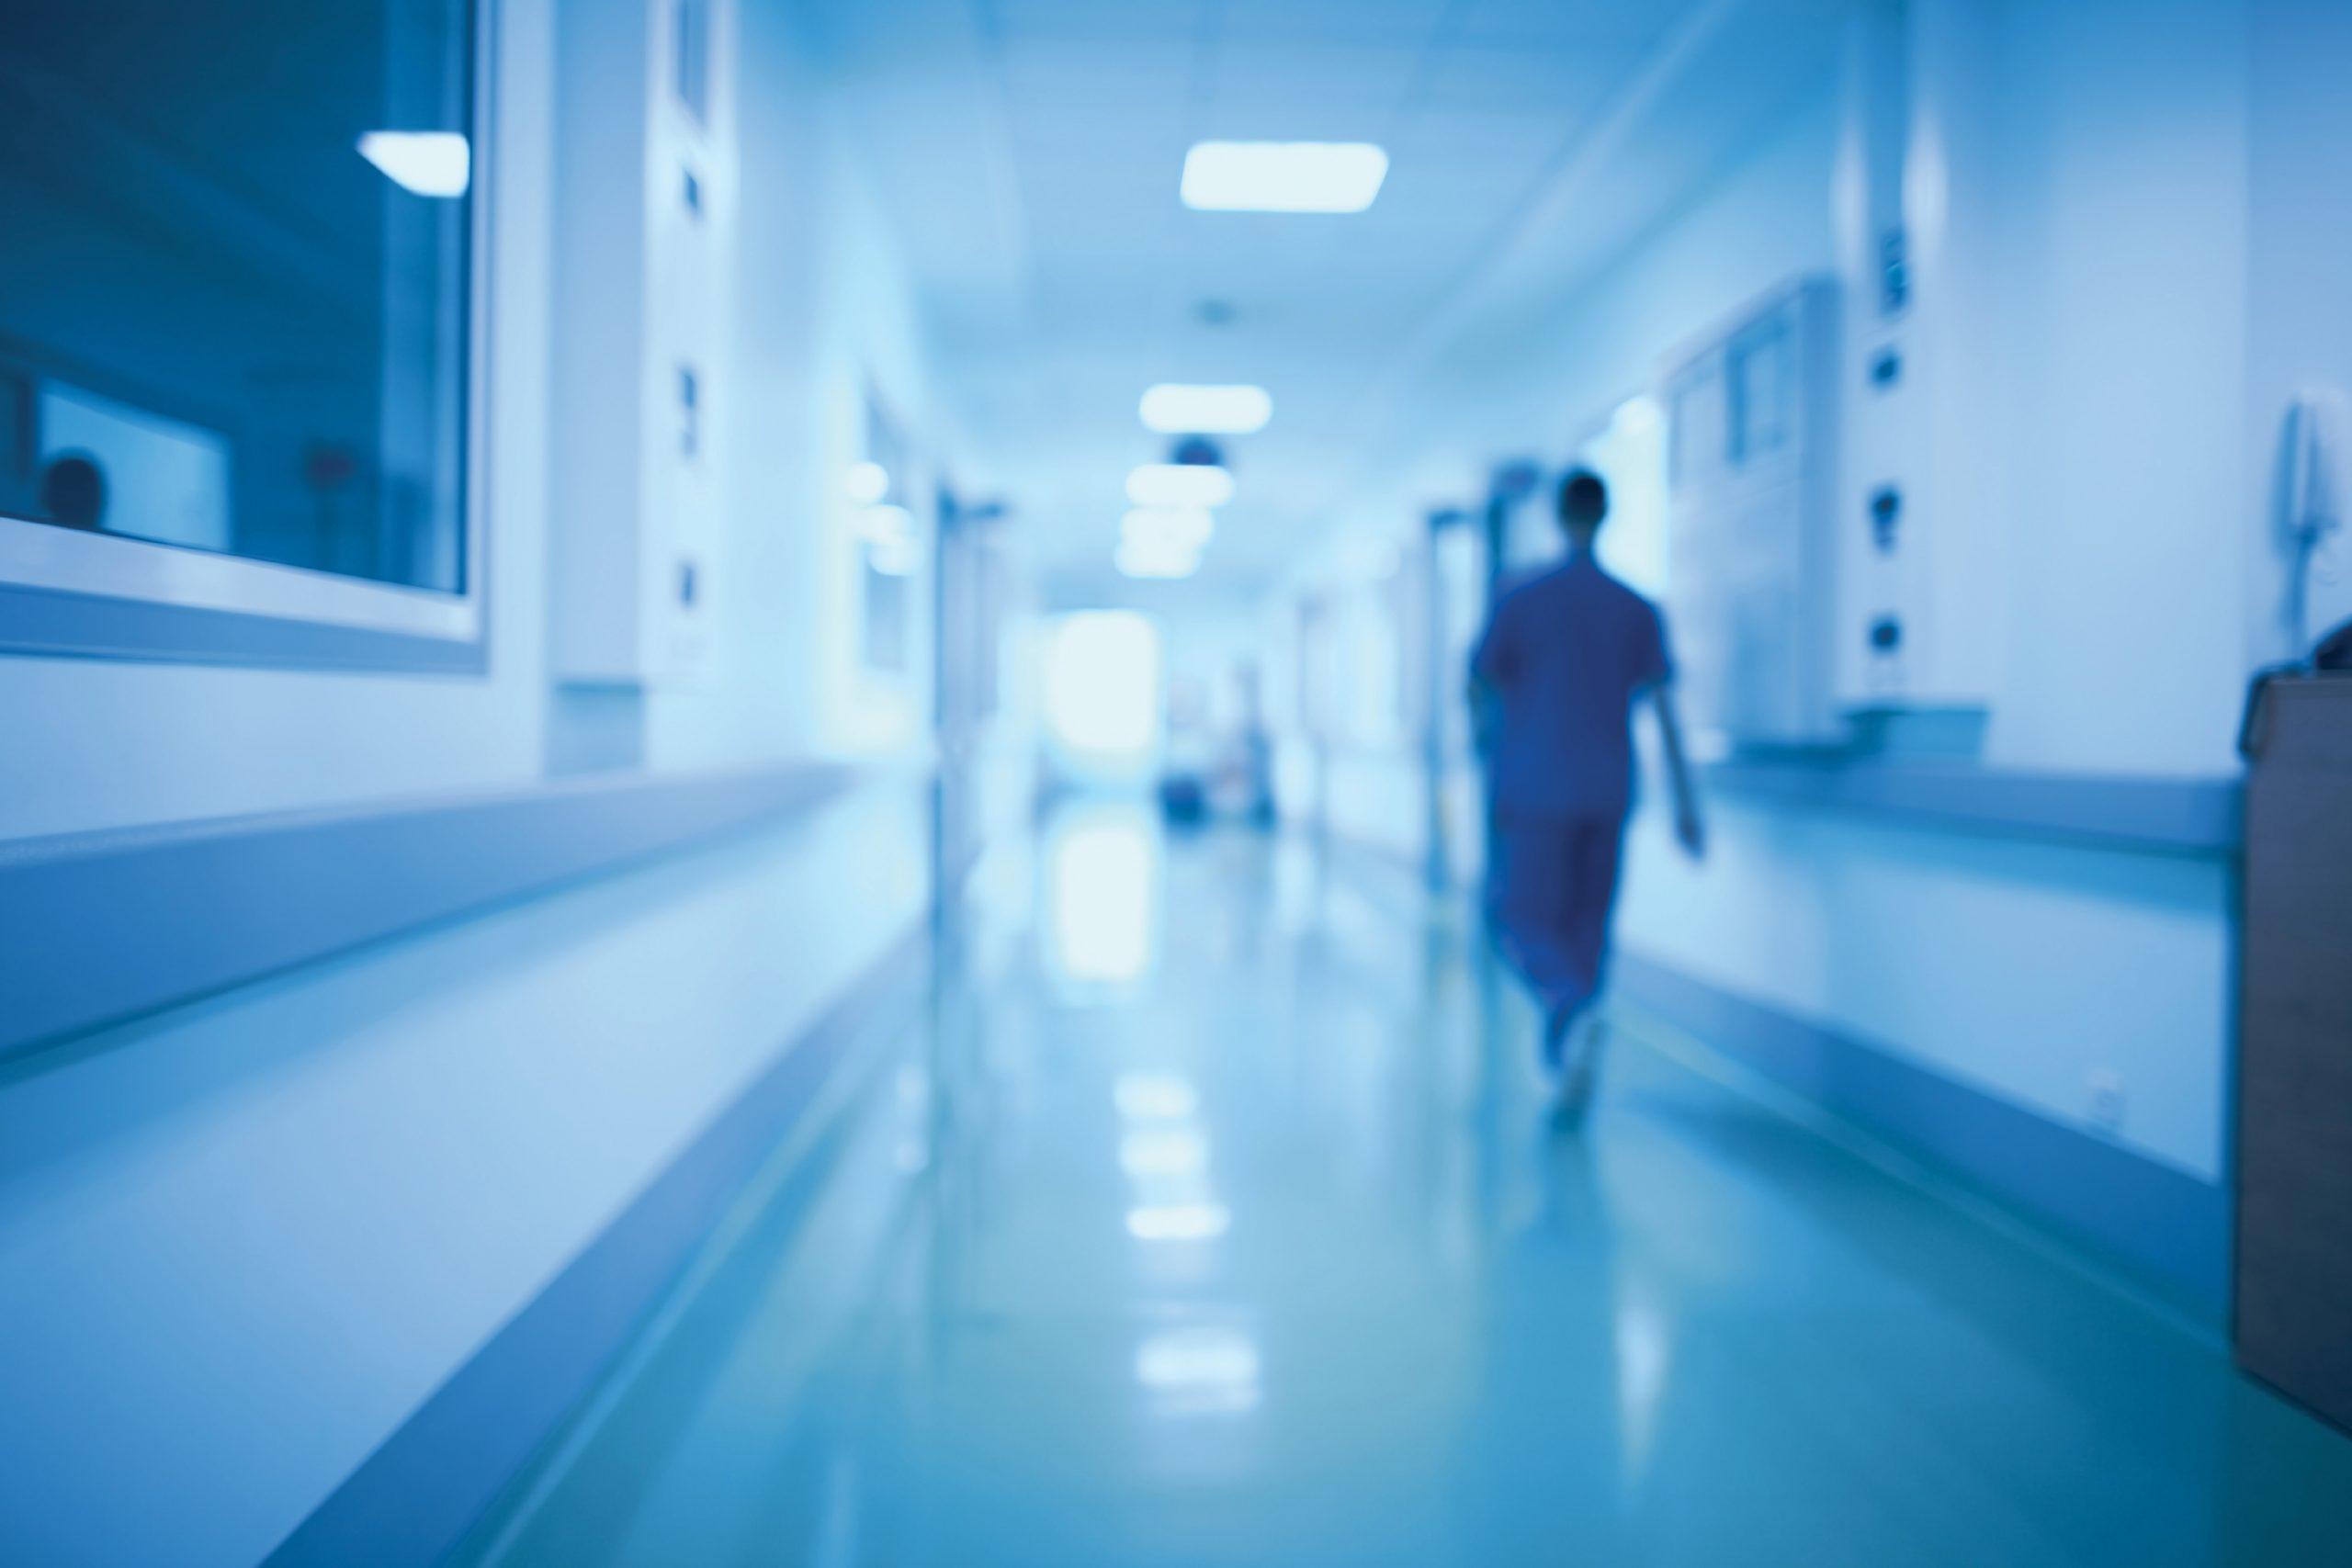 Sistema PCHS: l'innovativo sistema di sanificazione che riduce le infezioni  e che fa risparmiare la Sanità